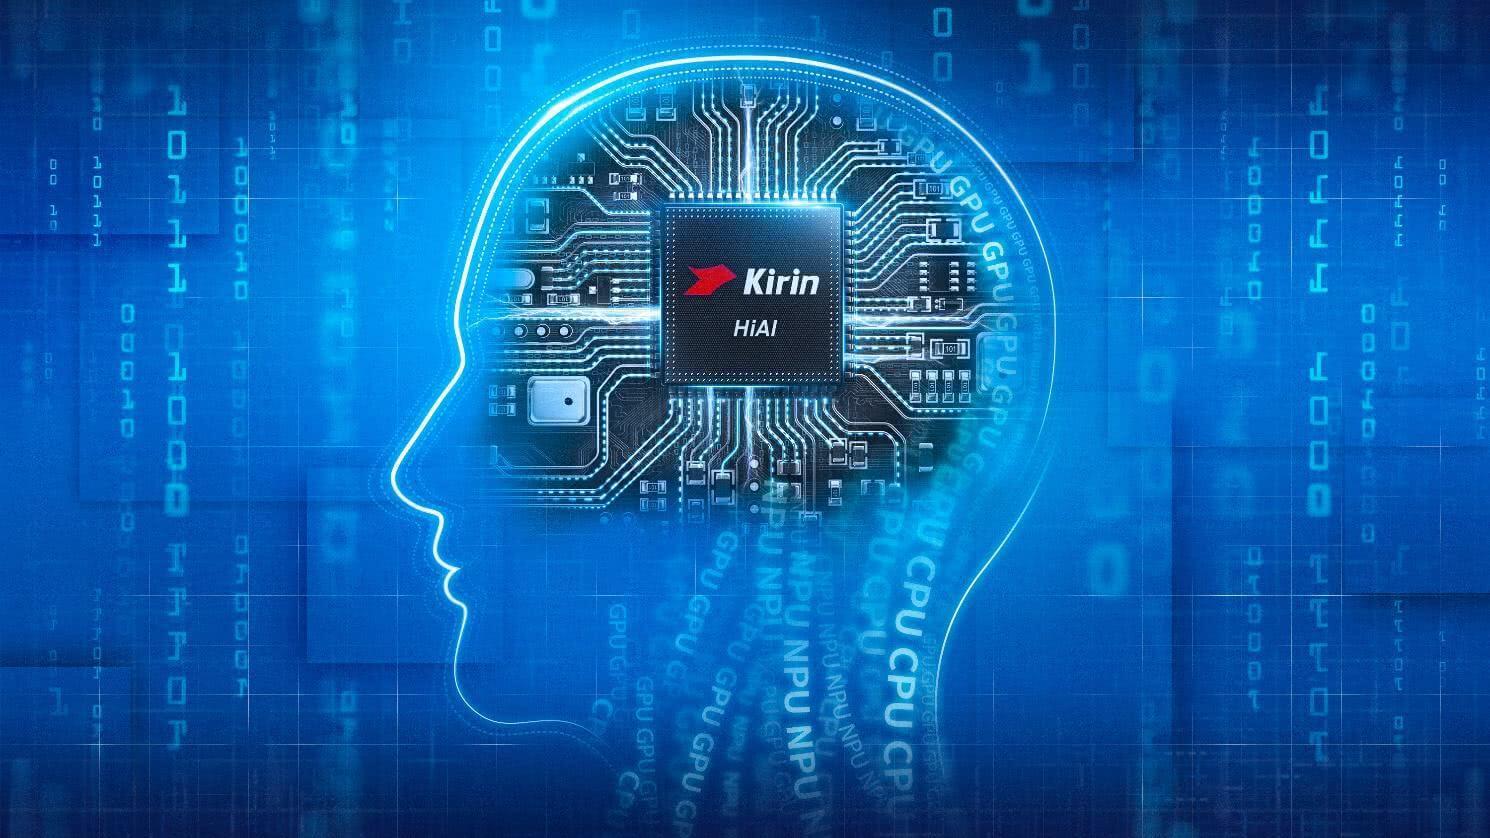 Le Kirin 980 des Huawei Mate 20 surpasserait largement l'A12 Bionic des iPhone Xs